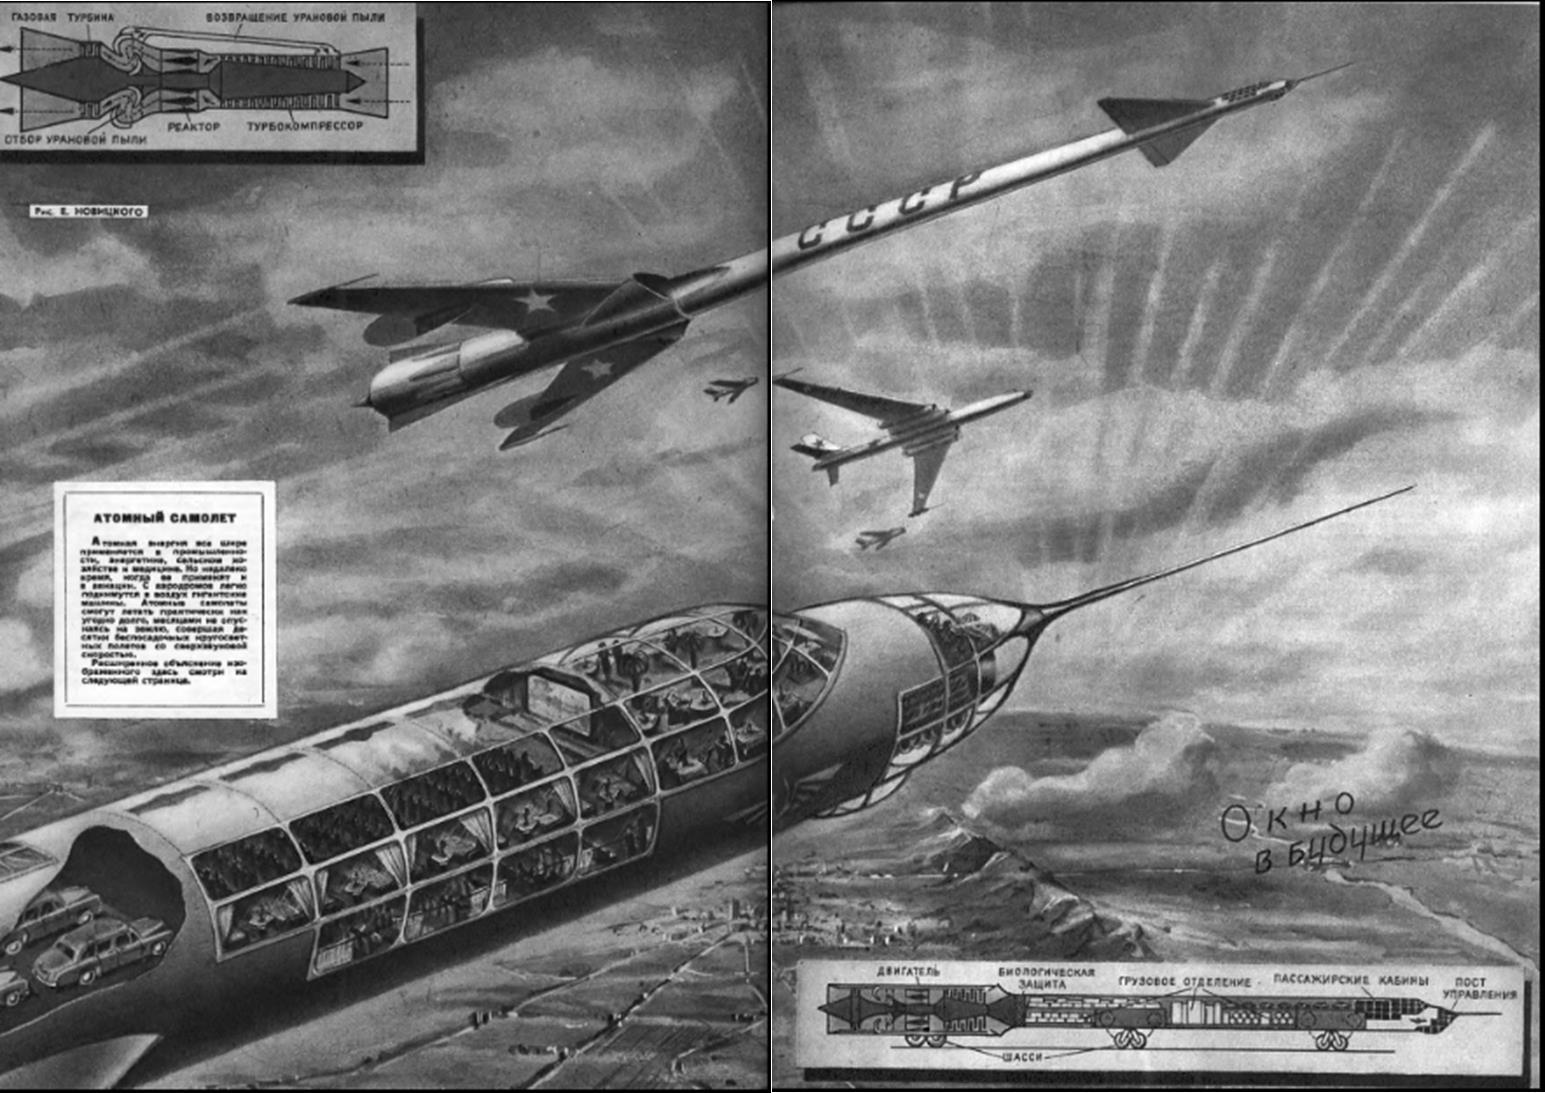 Атомный самолёт